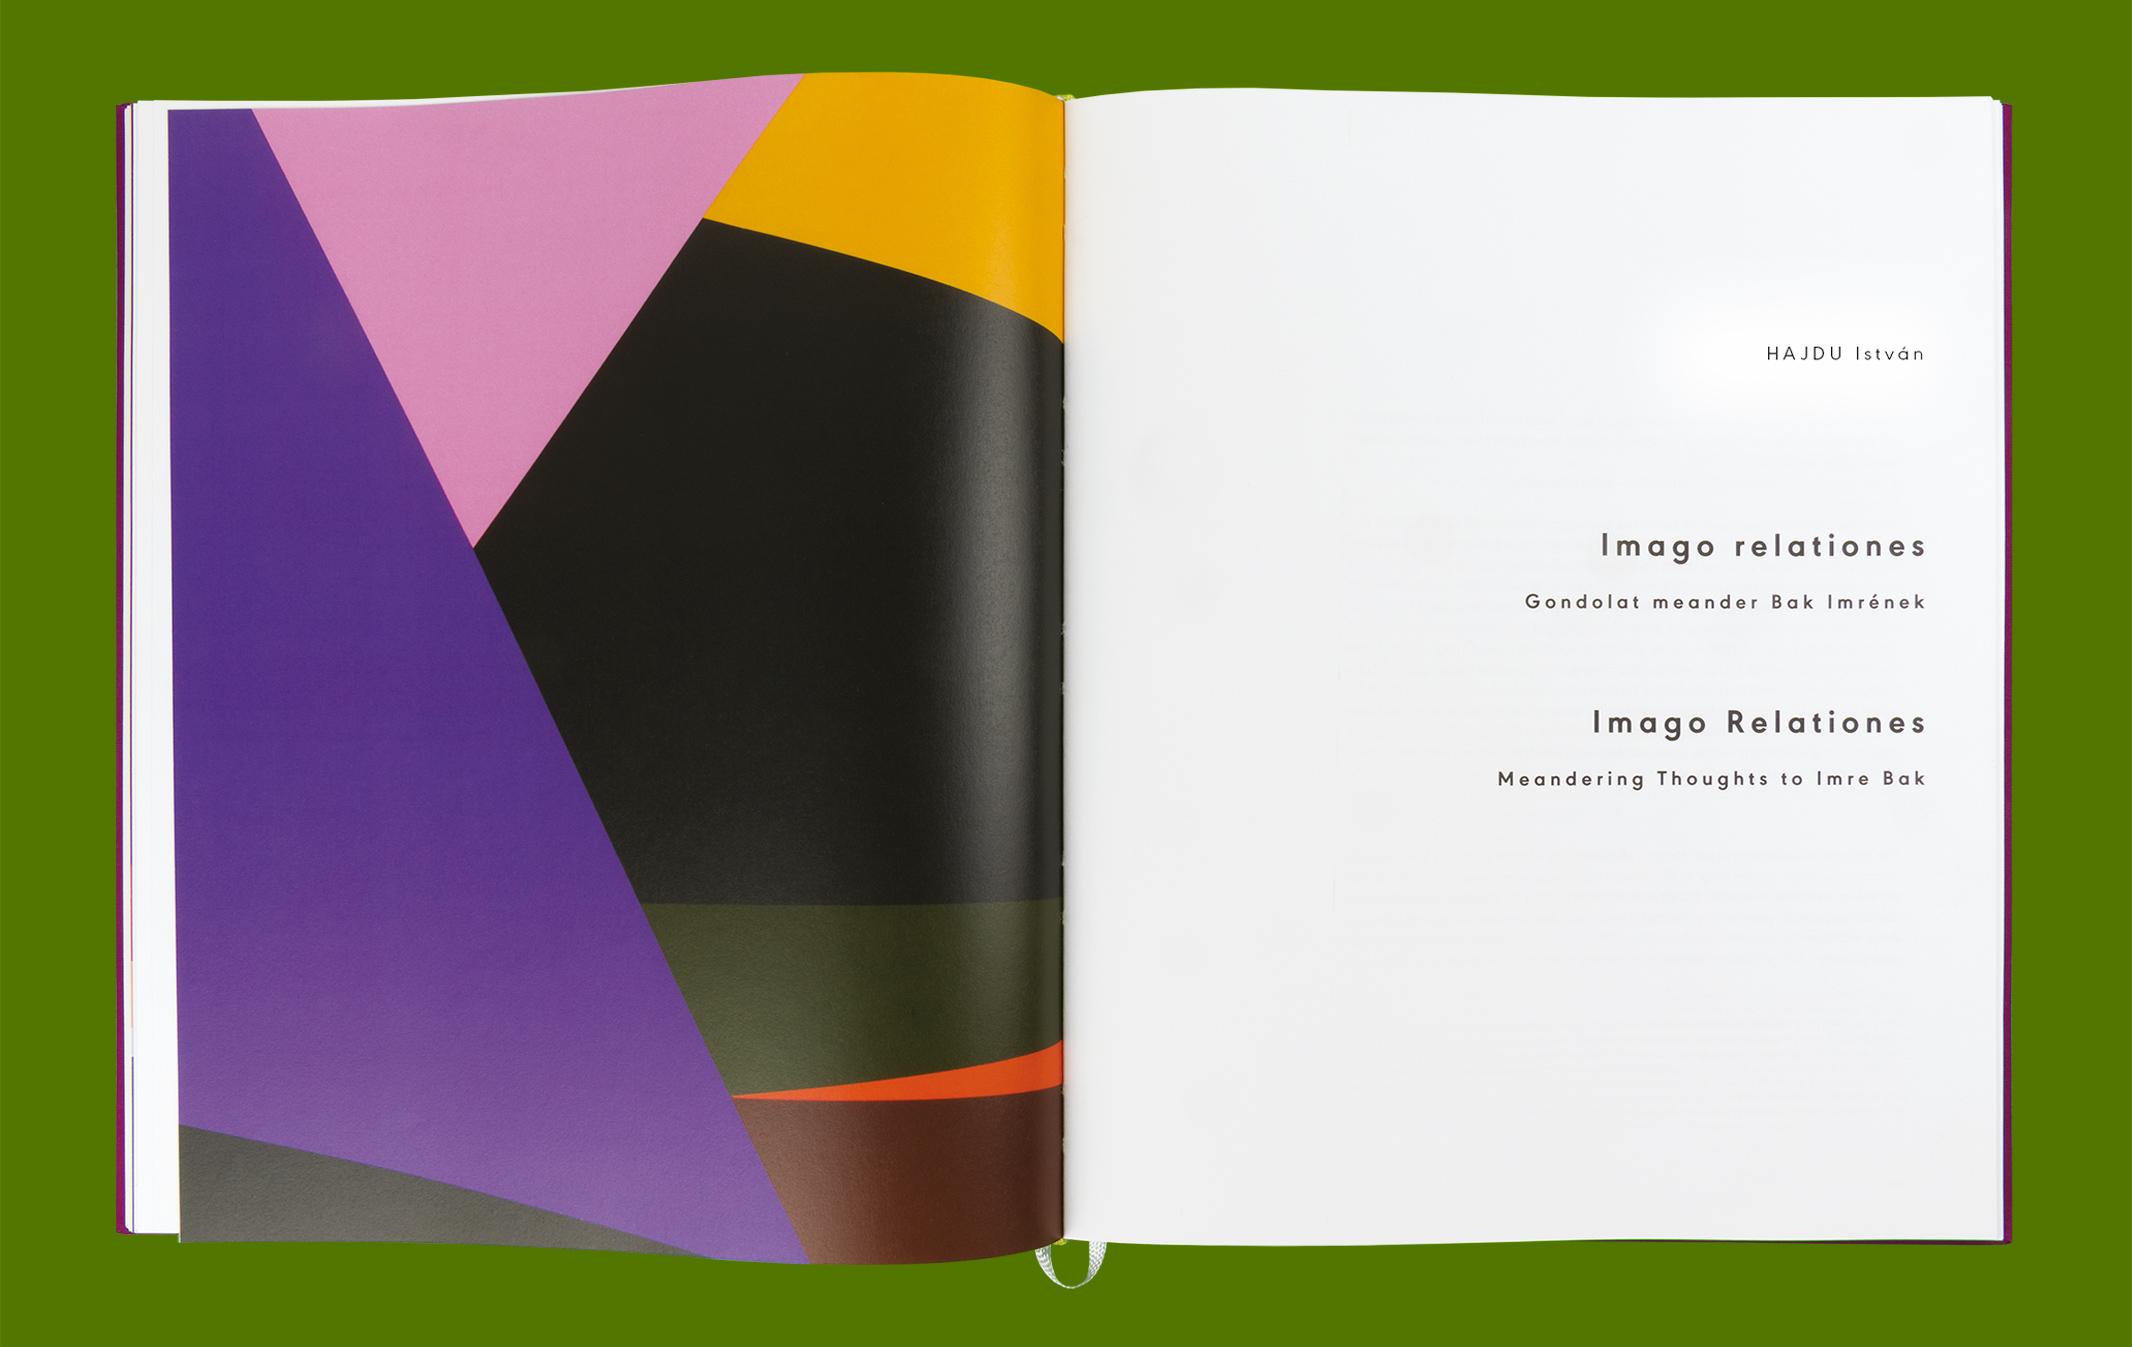 bak-imre-book-pages-6